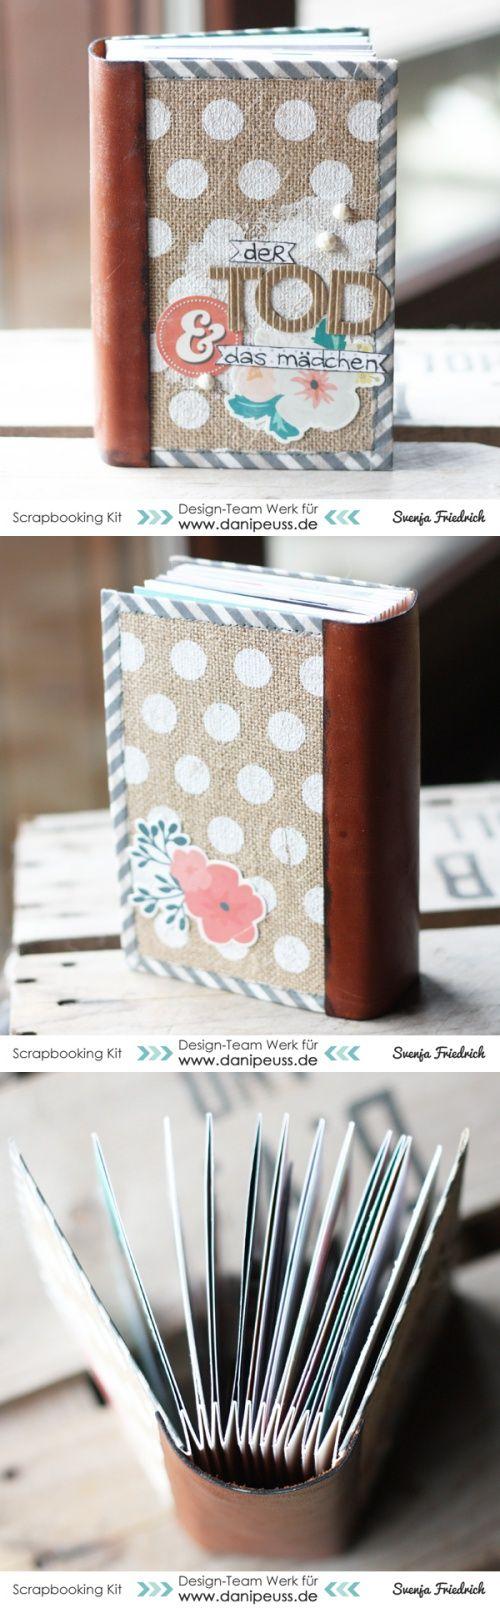 die besten 25 buch binden ideen auf pinterest diy notebook ti alben und arten der buchbinderei. Black Bedroom Furniture Sets. Home Design Ideas